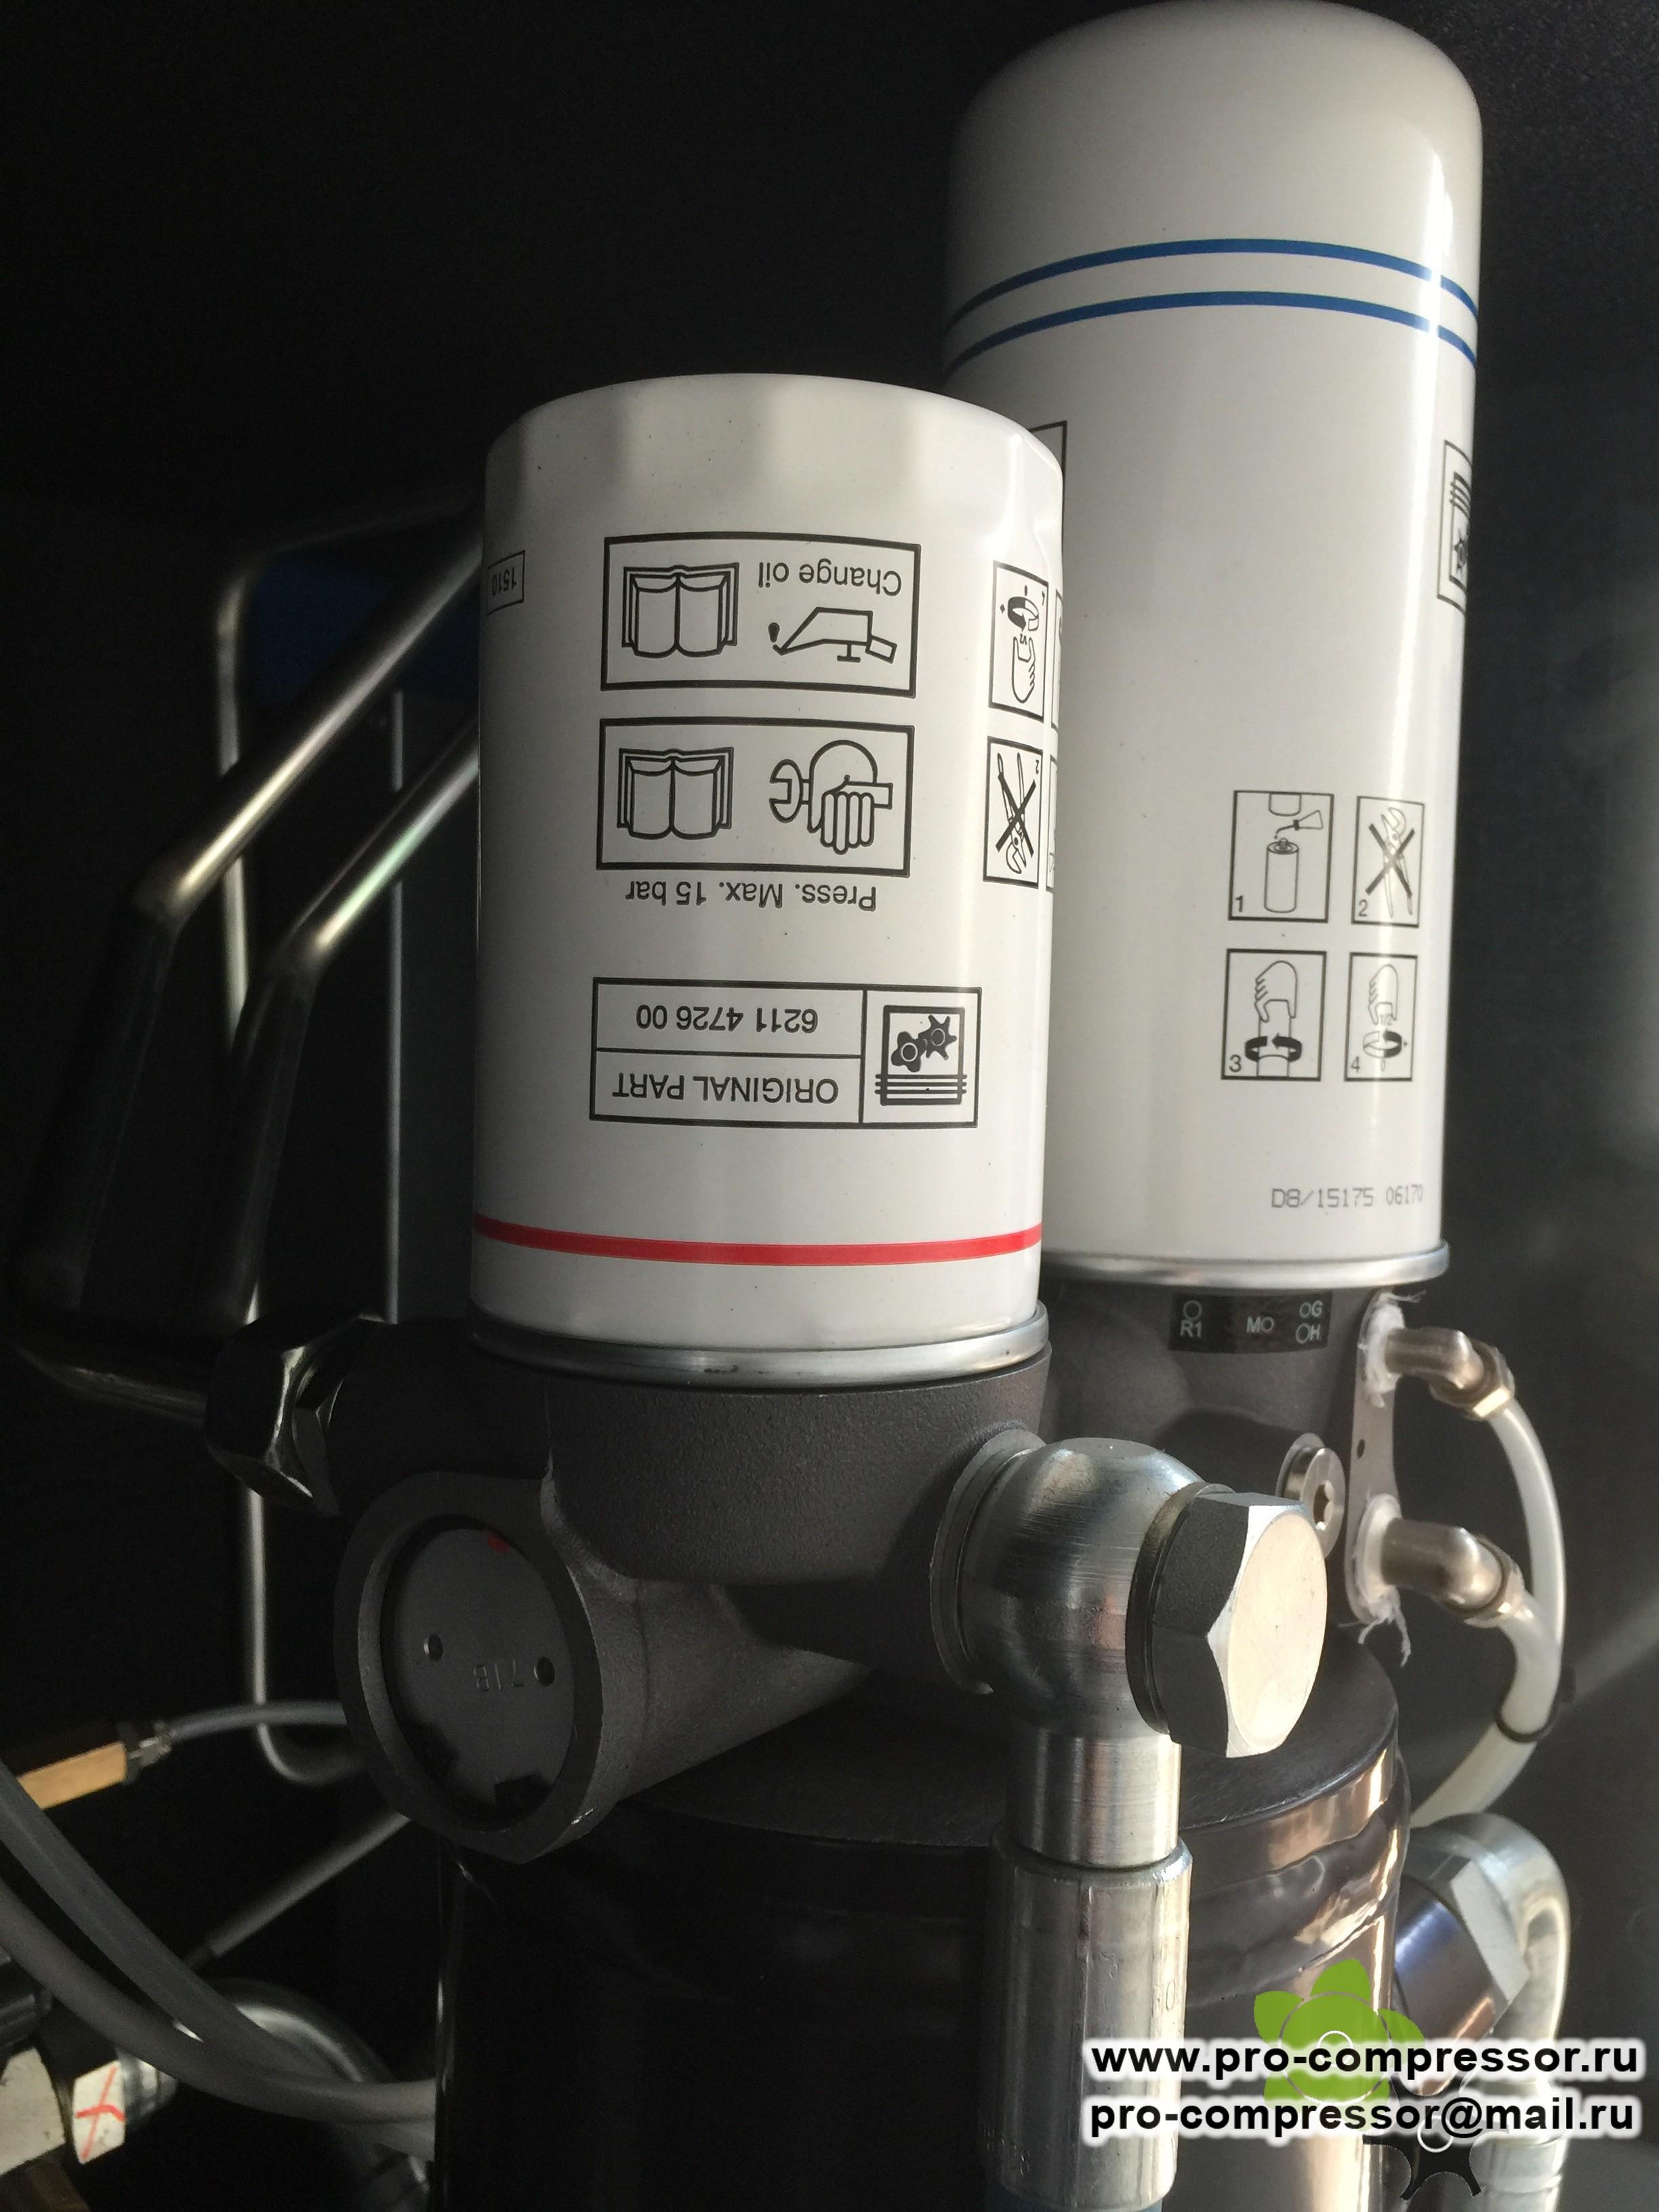 Термостат винтового компрессора